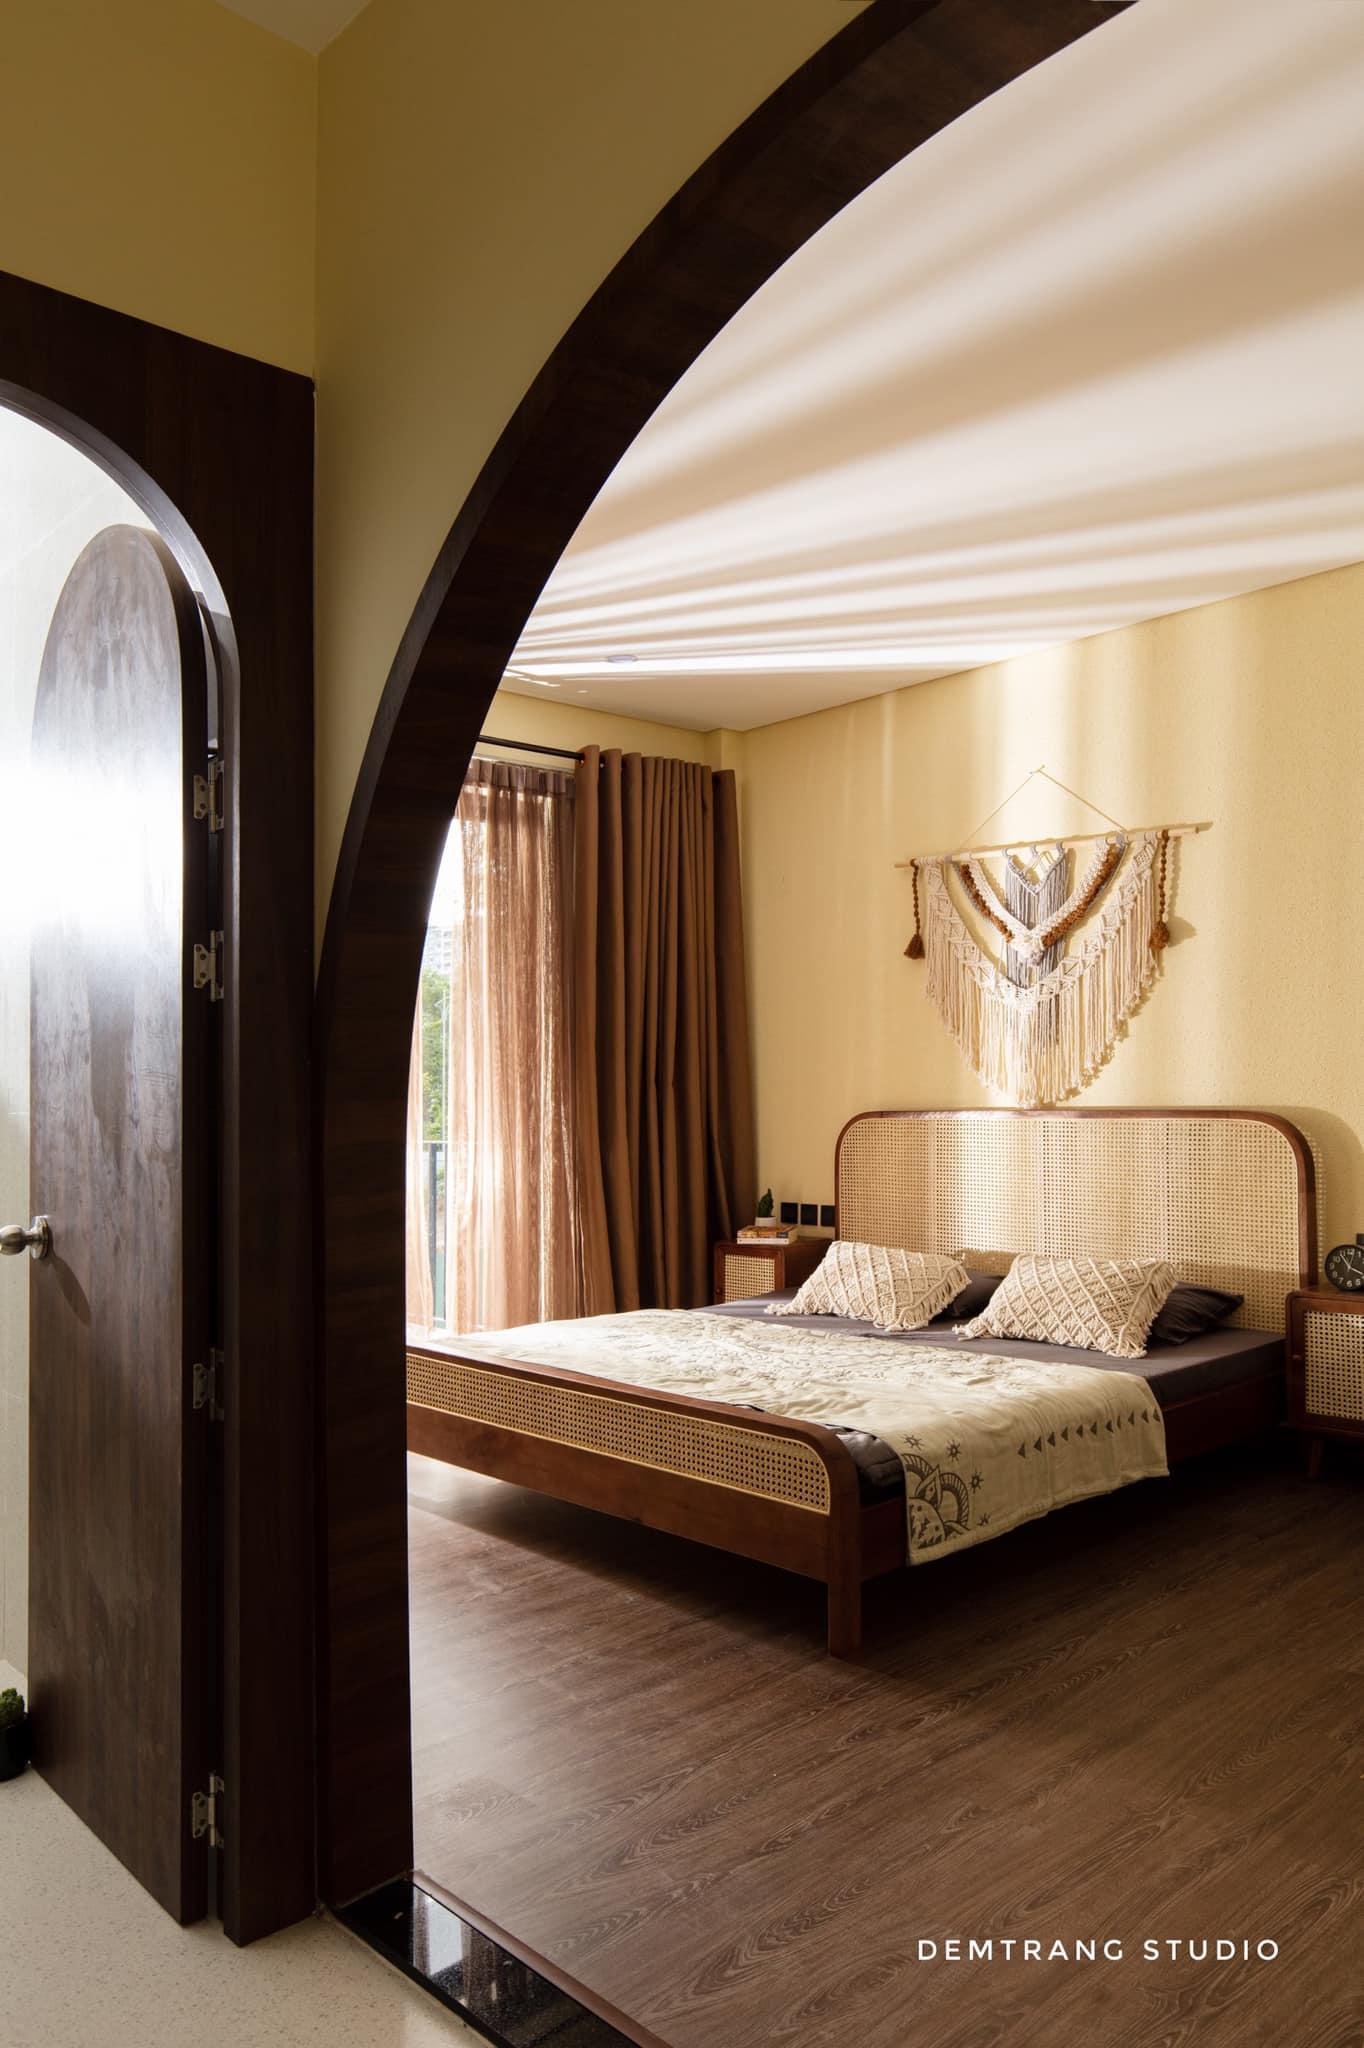 Thiết kế kiến trúc – nội thất dự án biệt thự Thăng Long 04